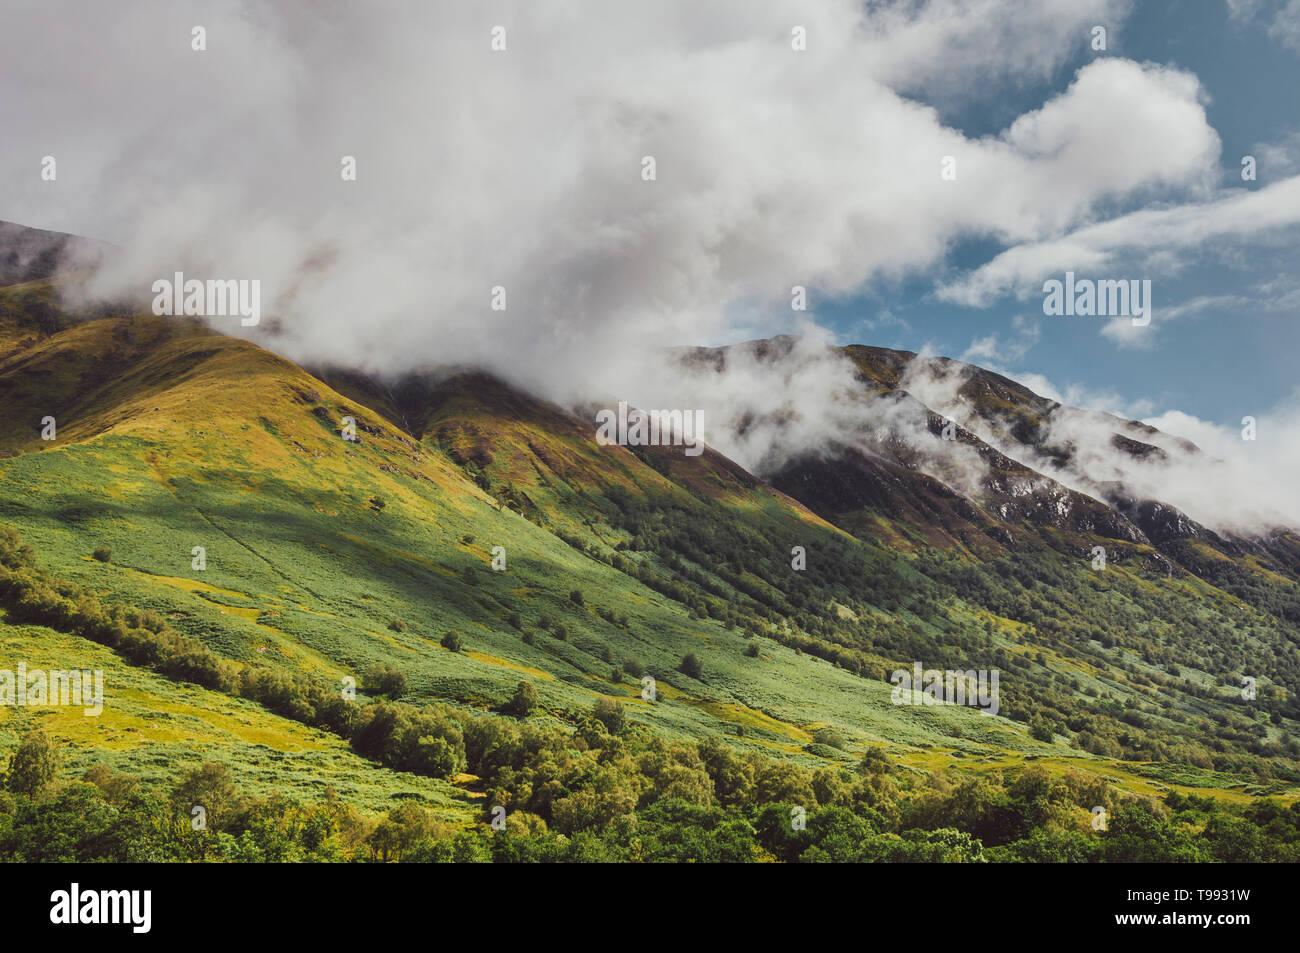 Montagnes de nuages, Glenfinnan, West Highland Line, Highlands, Scotland Banque D'Images